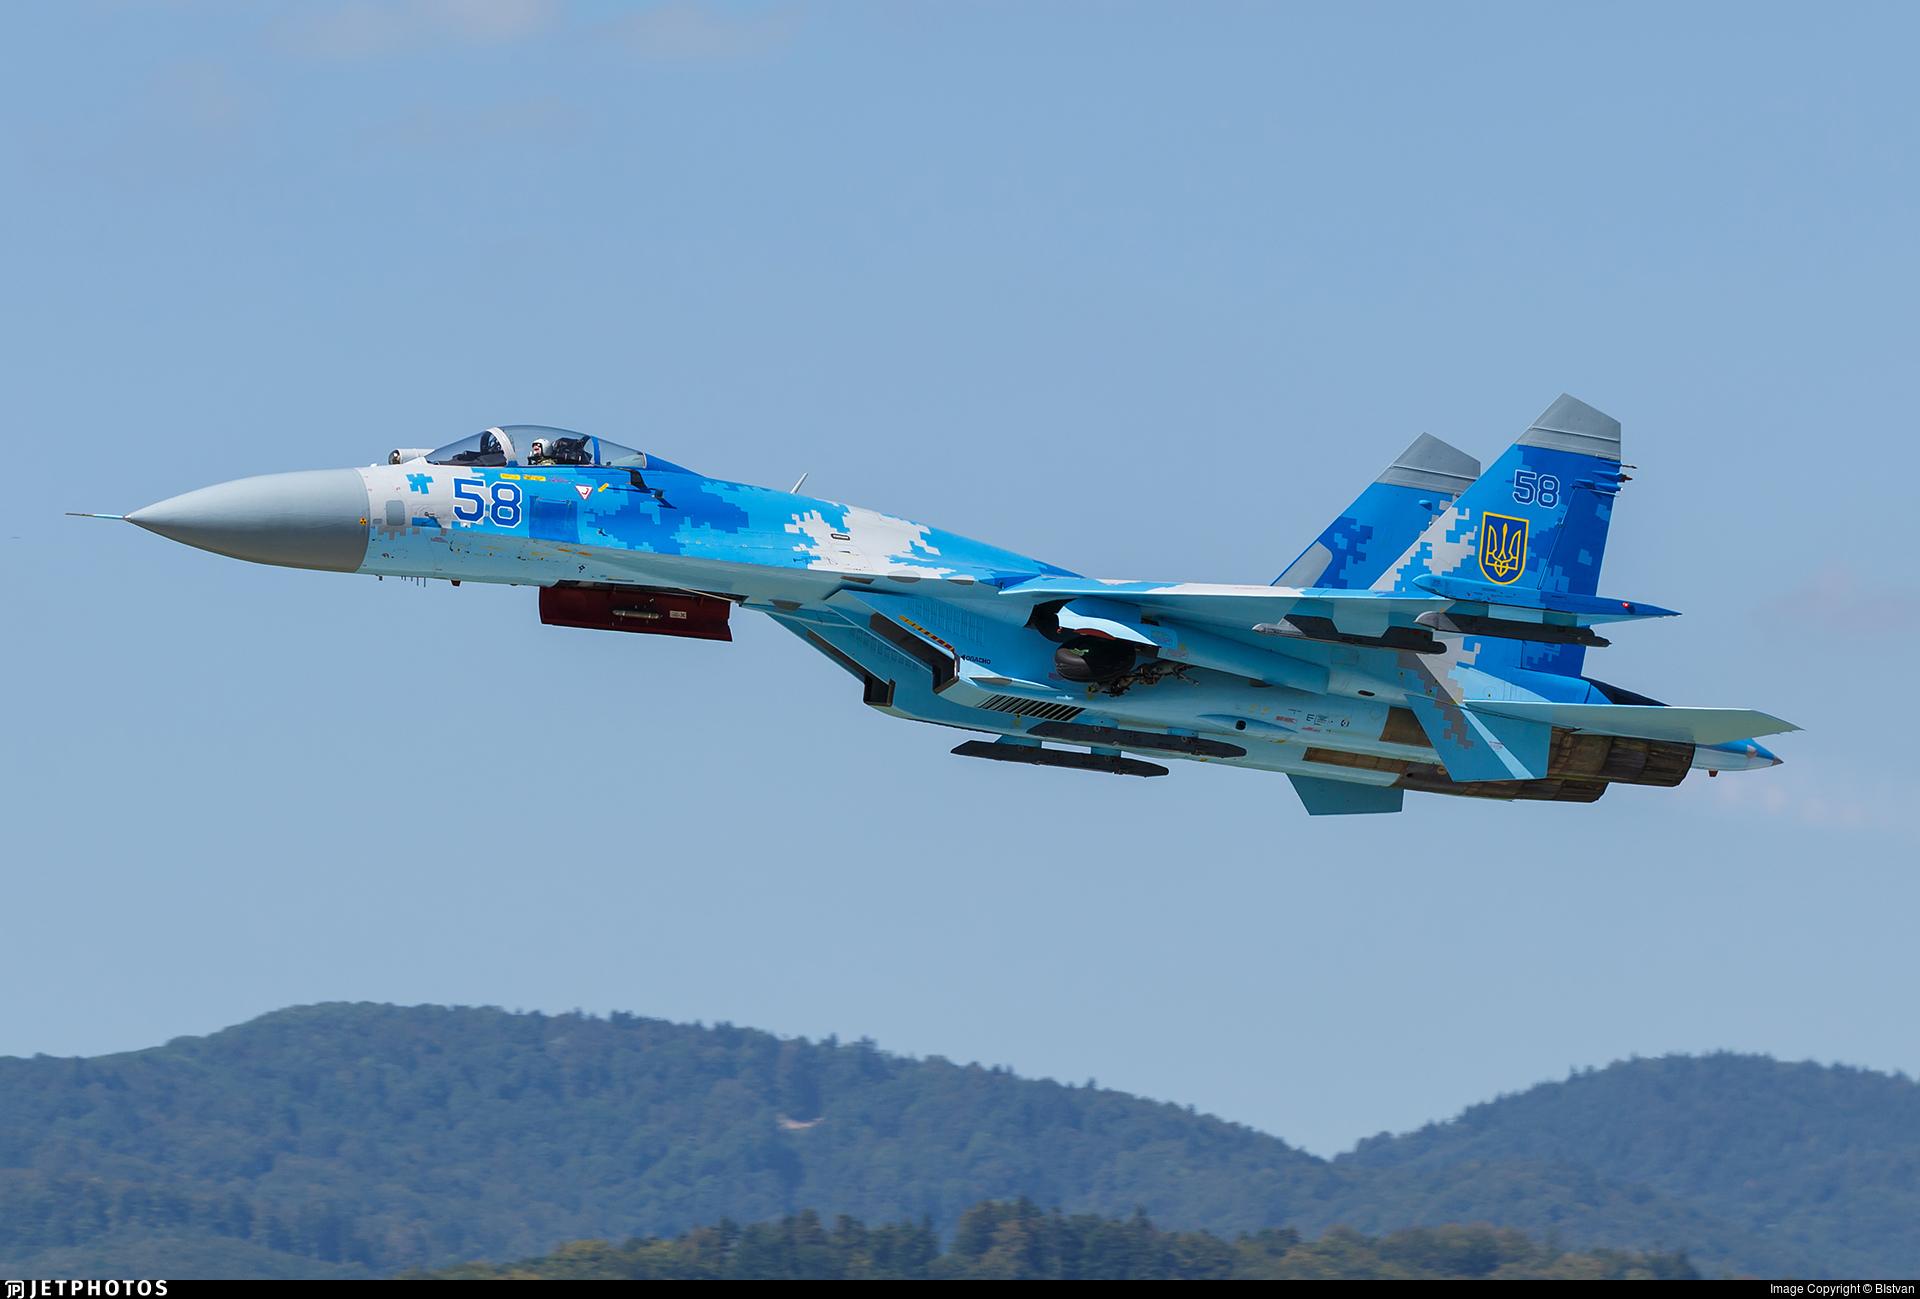 اسرع 10 طائرات مقاتلة في العالم اسرع الطائرات المقاتلة في العالم انا مسافر